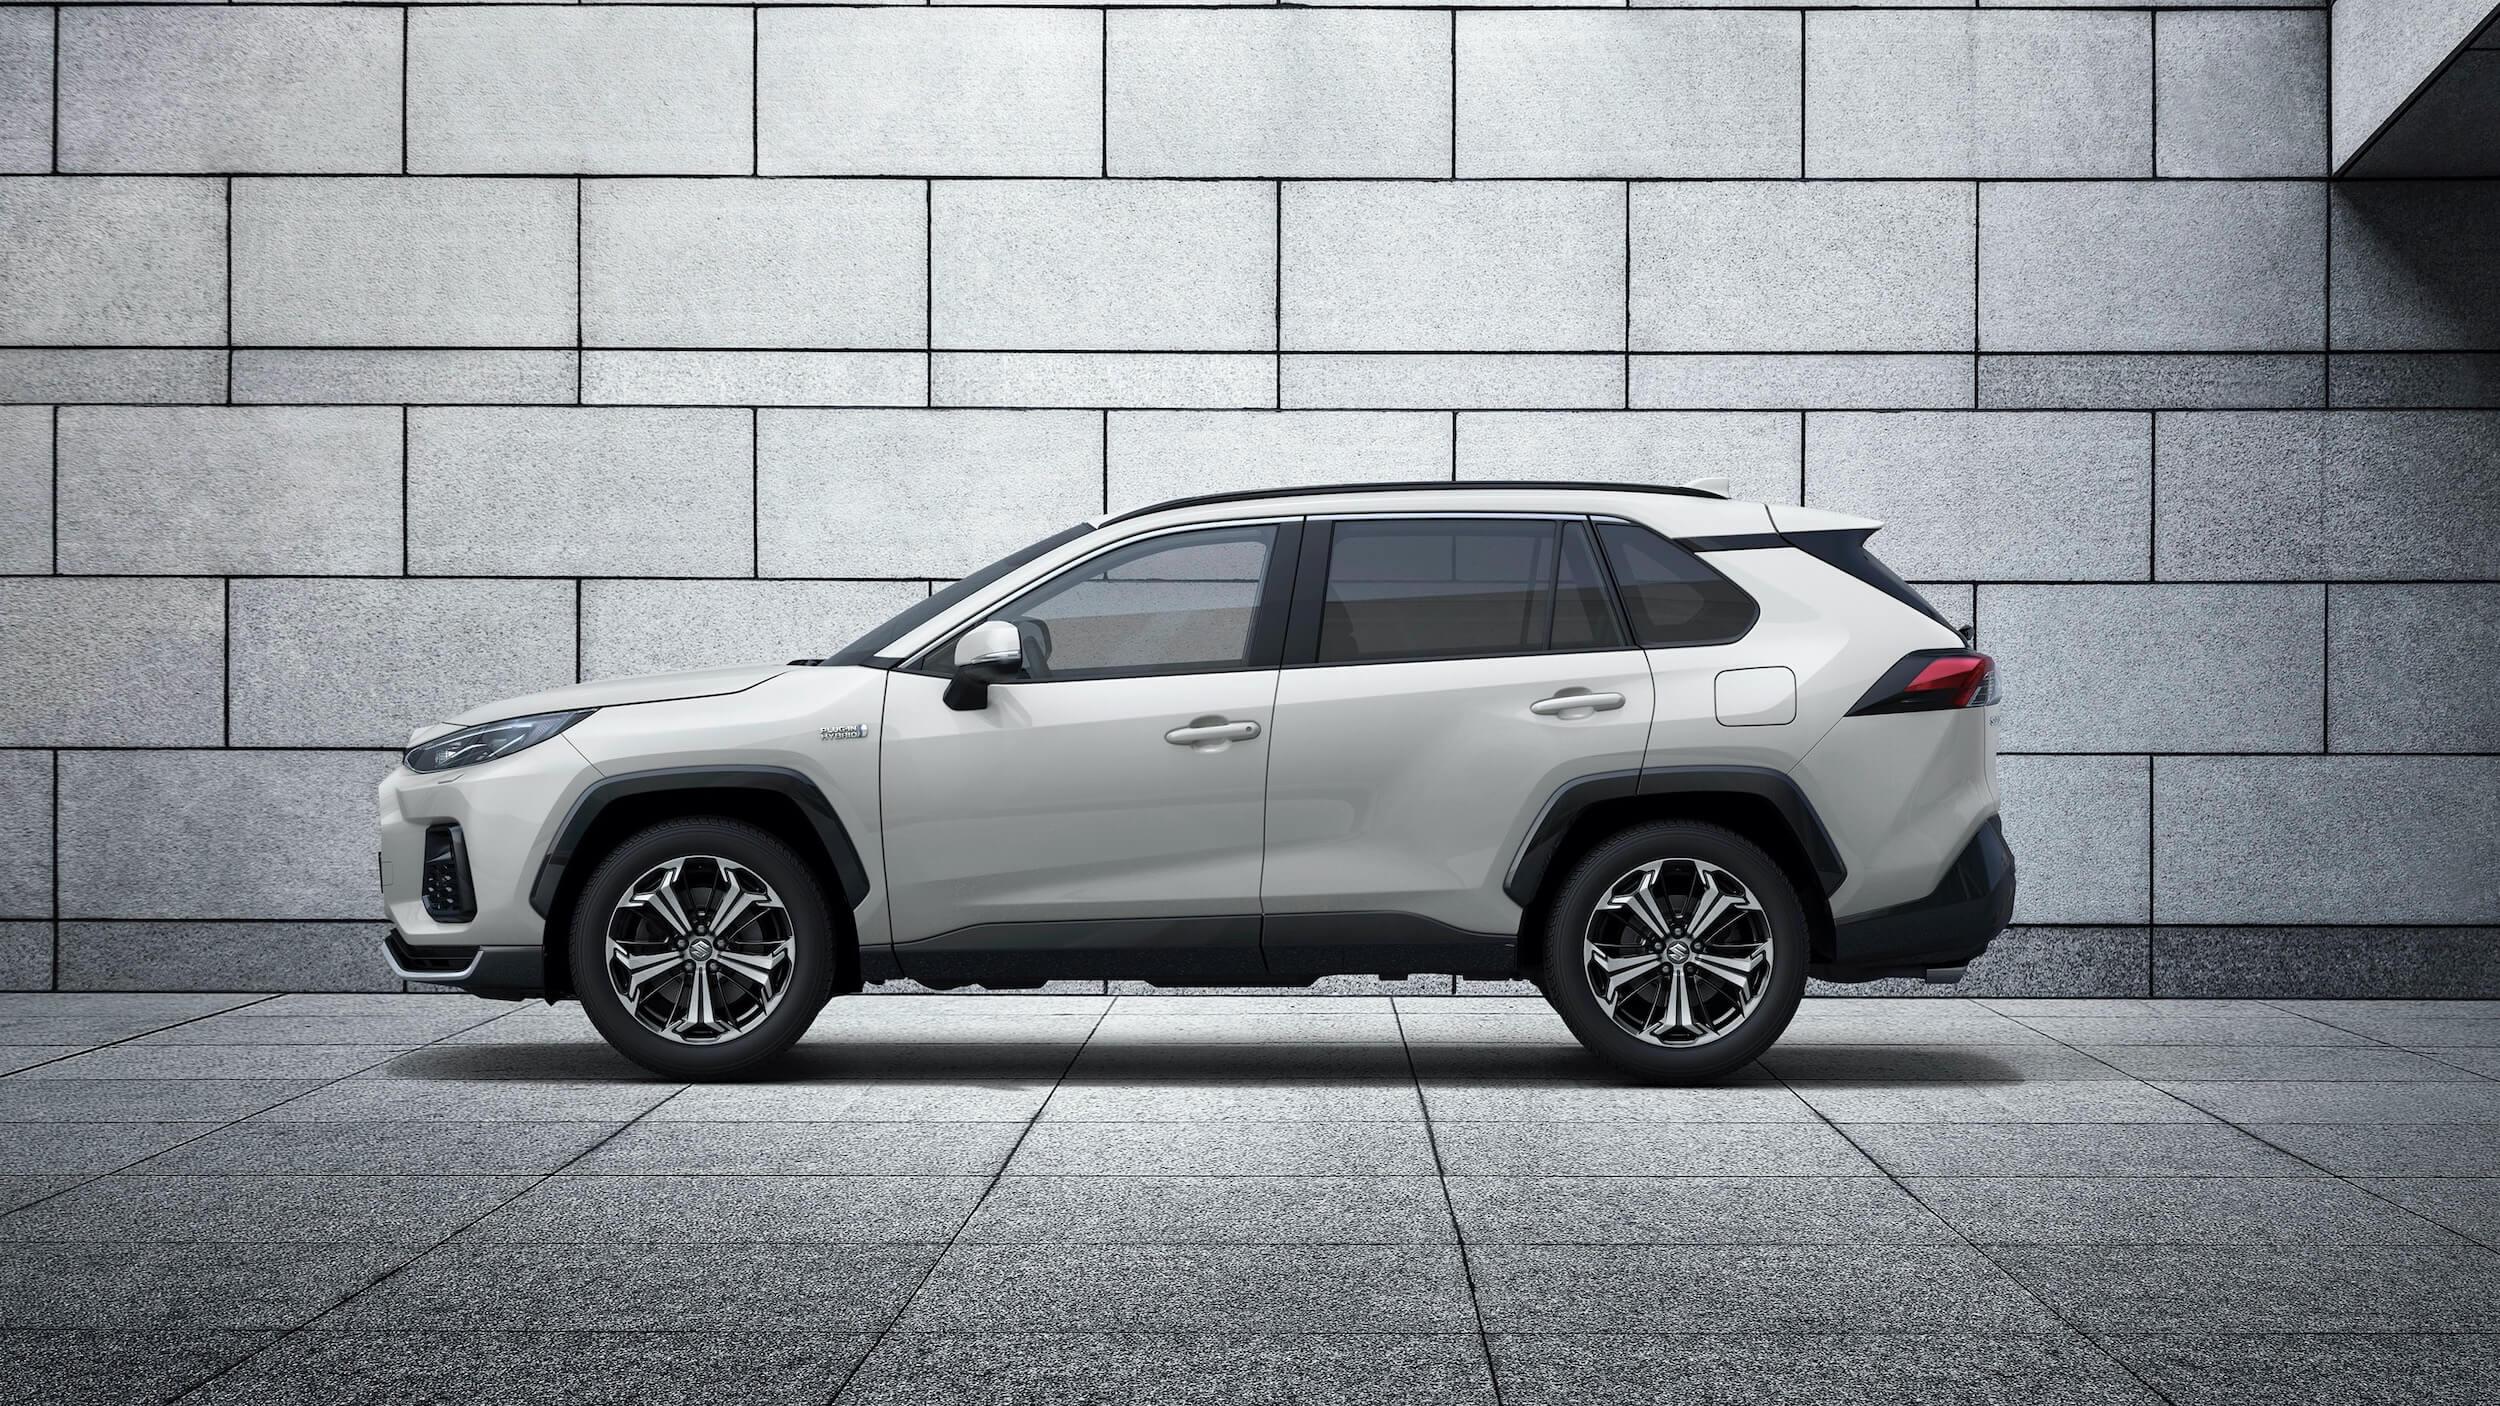 Suzuki plug in híbrido novo